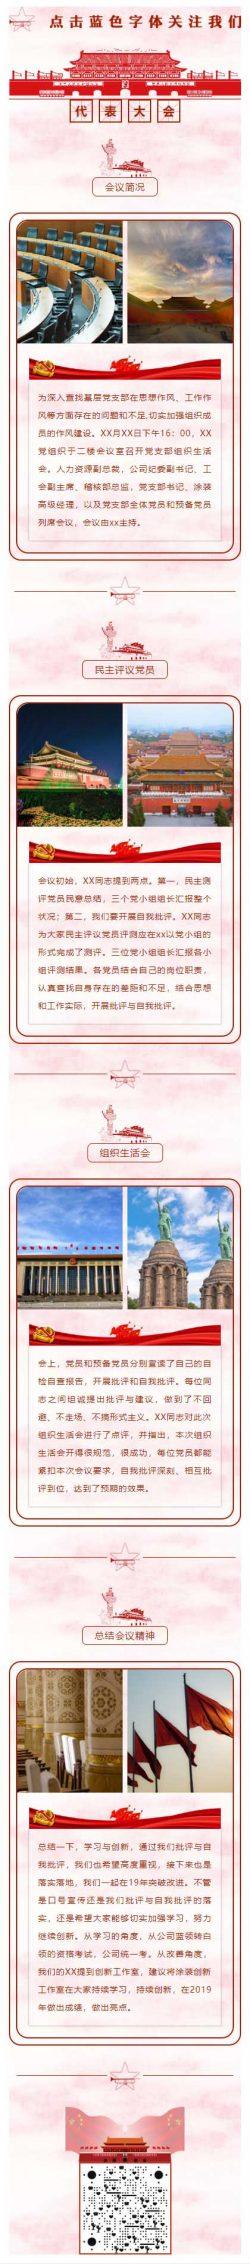 党支部组织生活会党政风格红色主题模板